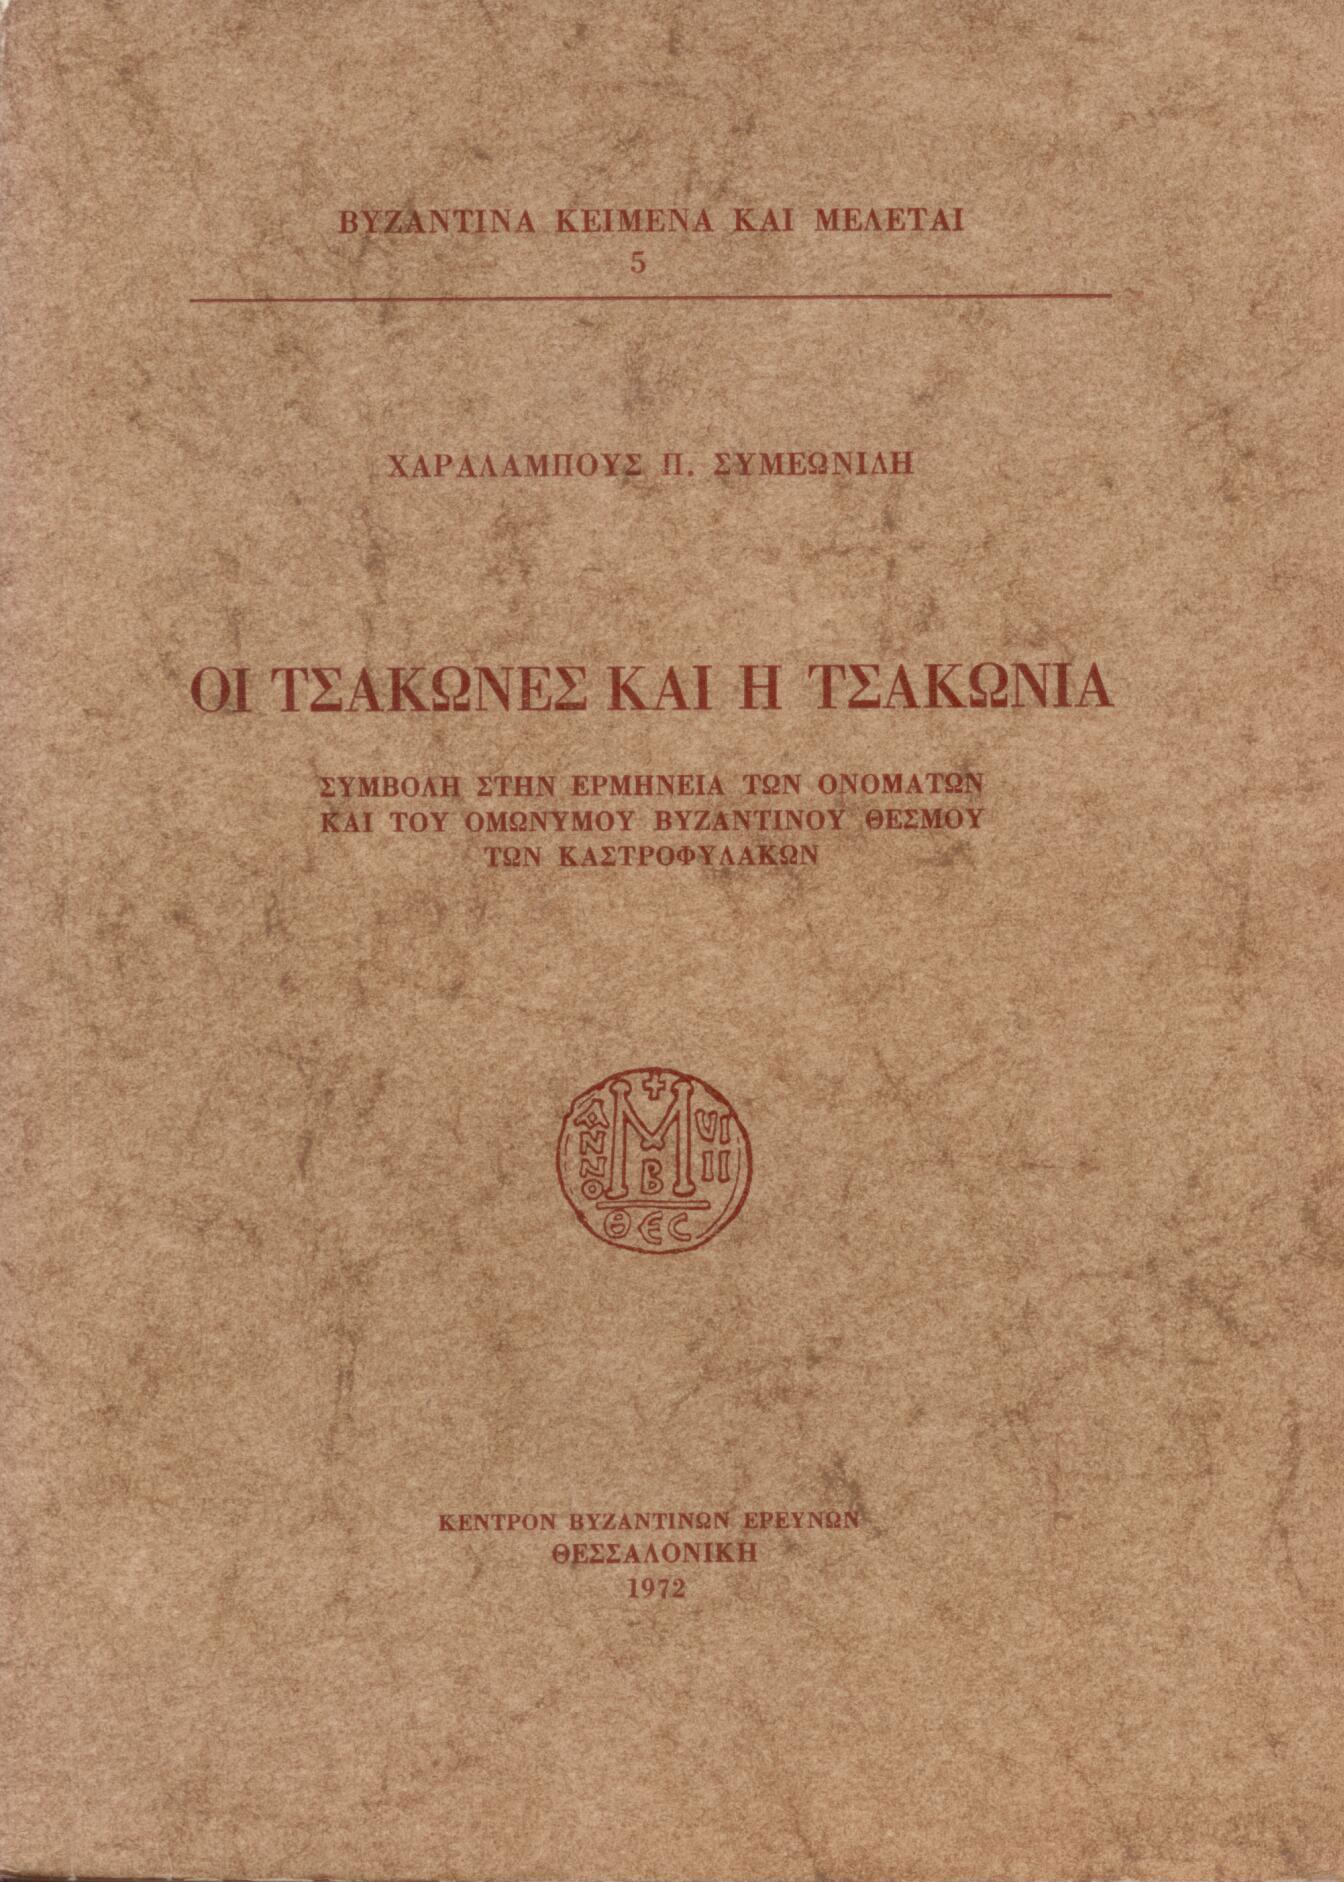 Οι Τσάκωνες και Η Τσακωνιά - Εξώφυλλο